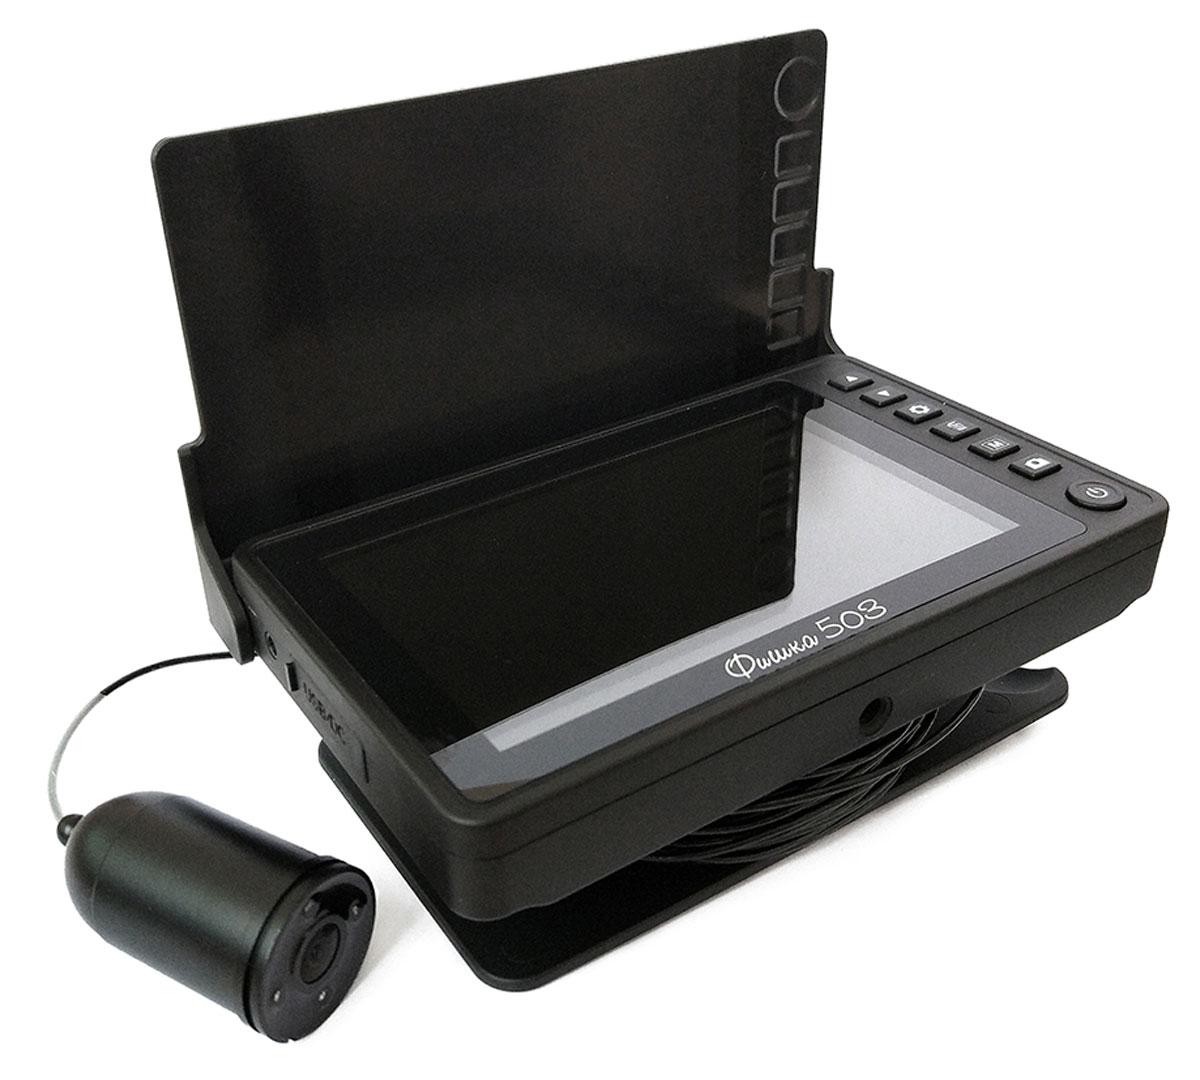 Подводная камера Фишка 503VE-f503Водонепроницаемая камера, подключаемая к 5-дюймовому цветному дисплею, может записывать видео и делать фотографии вашего места рыбалки. Опустите камеру в воду, чтобы посмотреть, что происходит под поверхностью. Фишка 503 становится под водой вашими глазами. Встроенные светодиодные лампы ночного видения освещают затемнённые участки обеспечивают качественное изображение практически в любой ситуации. С захватом HD-видео и чёткими изображениями до 300 000 точек вы можете быстро и легко просматривать снимки и видео прямо на экране ЖК-монитора. Функция записи: Да. Рабочая температура: от -20 °С до +60 °С. Дальность обзора (в чистой воде): от 1 до 5 метров. Встроенная подсветка: 4 ИК-светодиода. Длина кабеля: 15 метров. Разрешение камеры: 650 ТВЛ. Усилие на разрыв: до 40 кг. Время автономной работы:до 8 часов. Ёмкость аккумулятора: 7500 мА/ч.